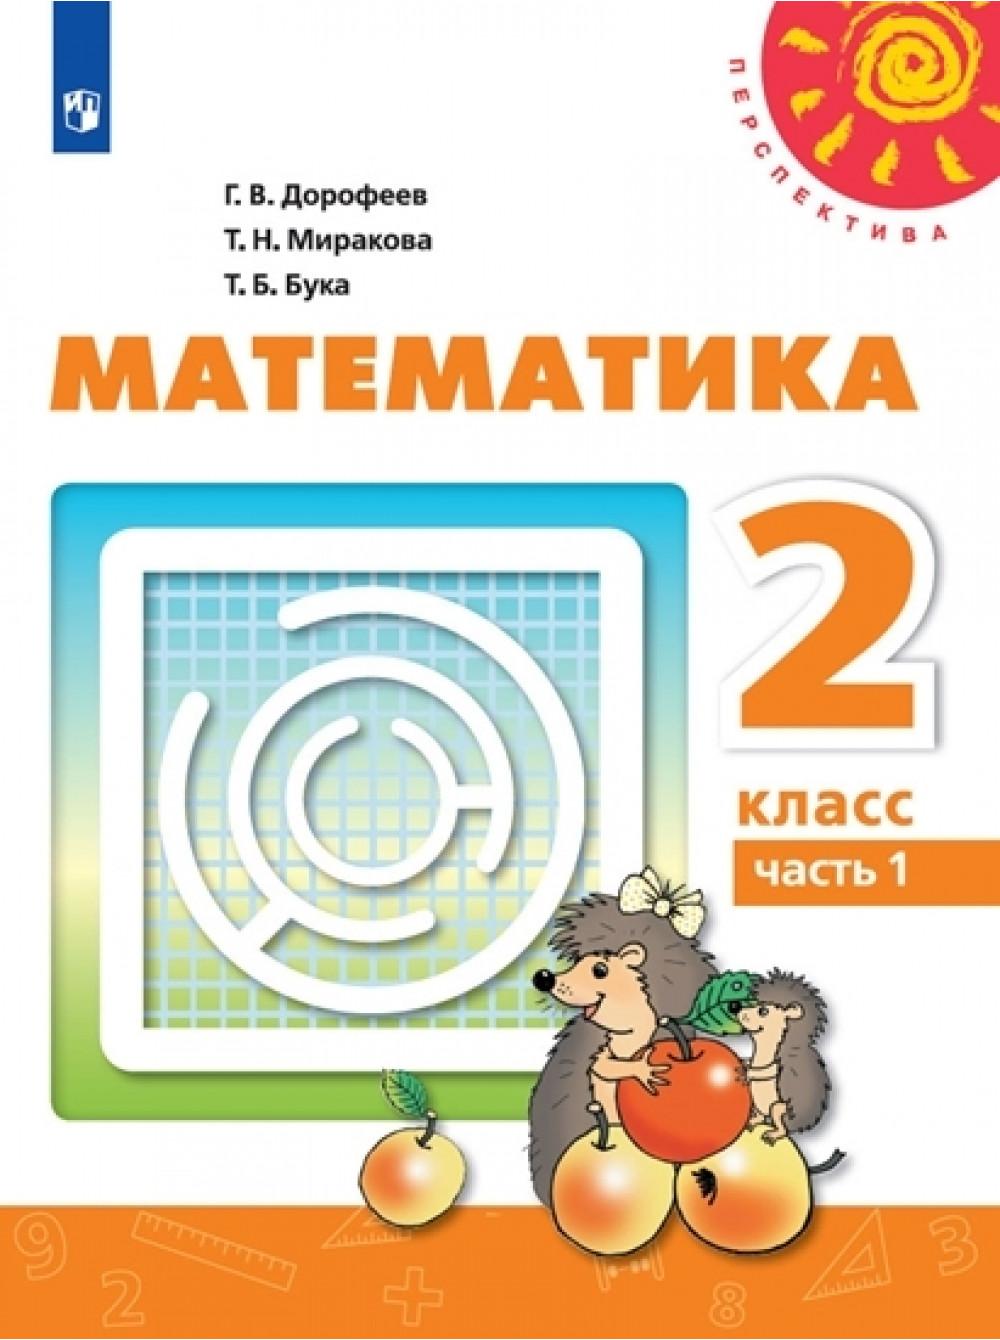 Дорофеев. Математика. 2 класс. В двух частях. Часть 1.2 (комплект) Учебник. /Перспектива